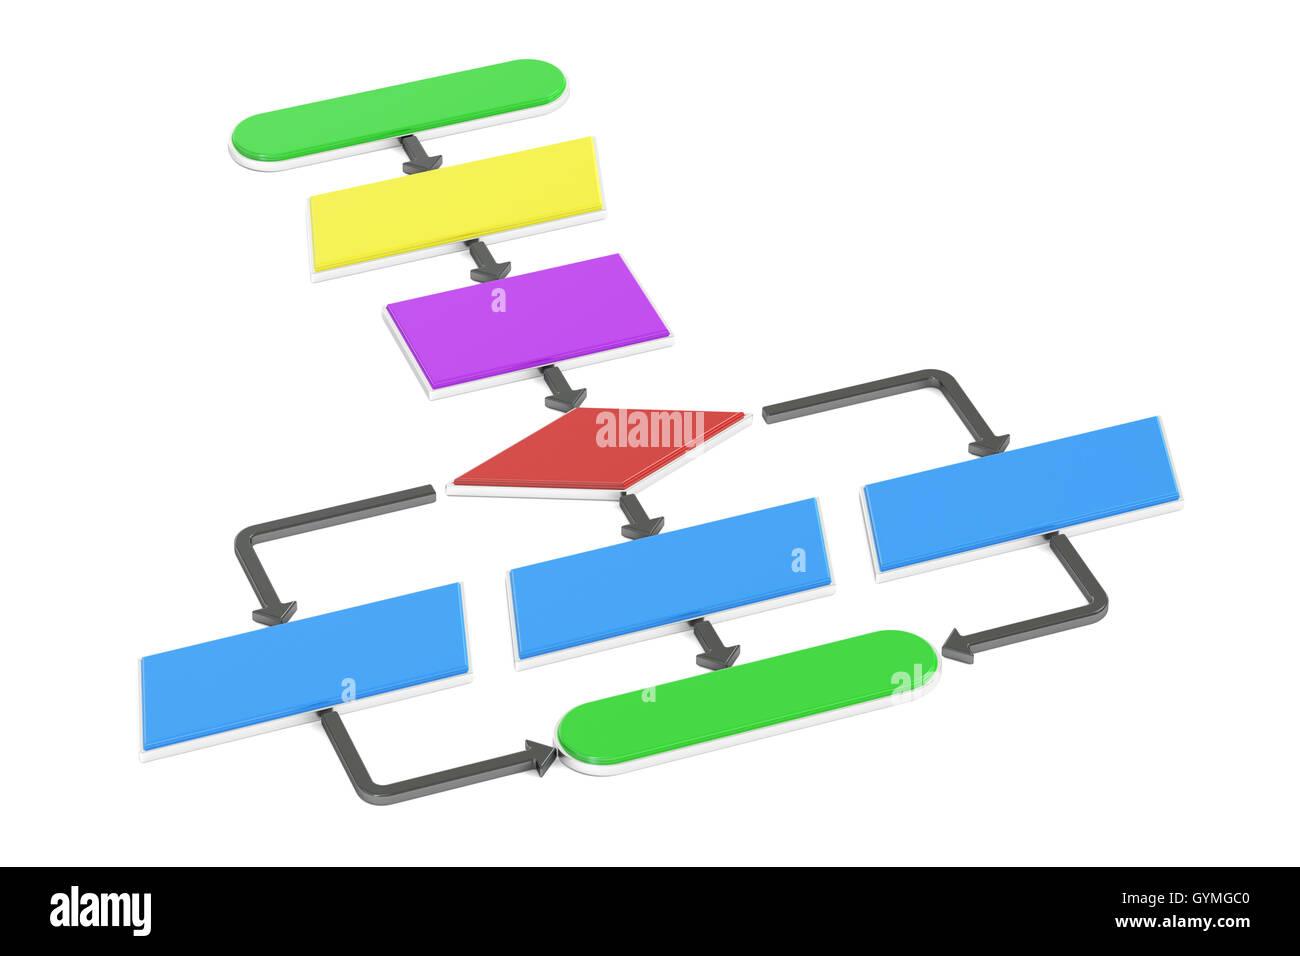 Line Drawing Algorithm Flowchart : Algorithm flowchart stock photos